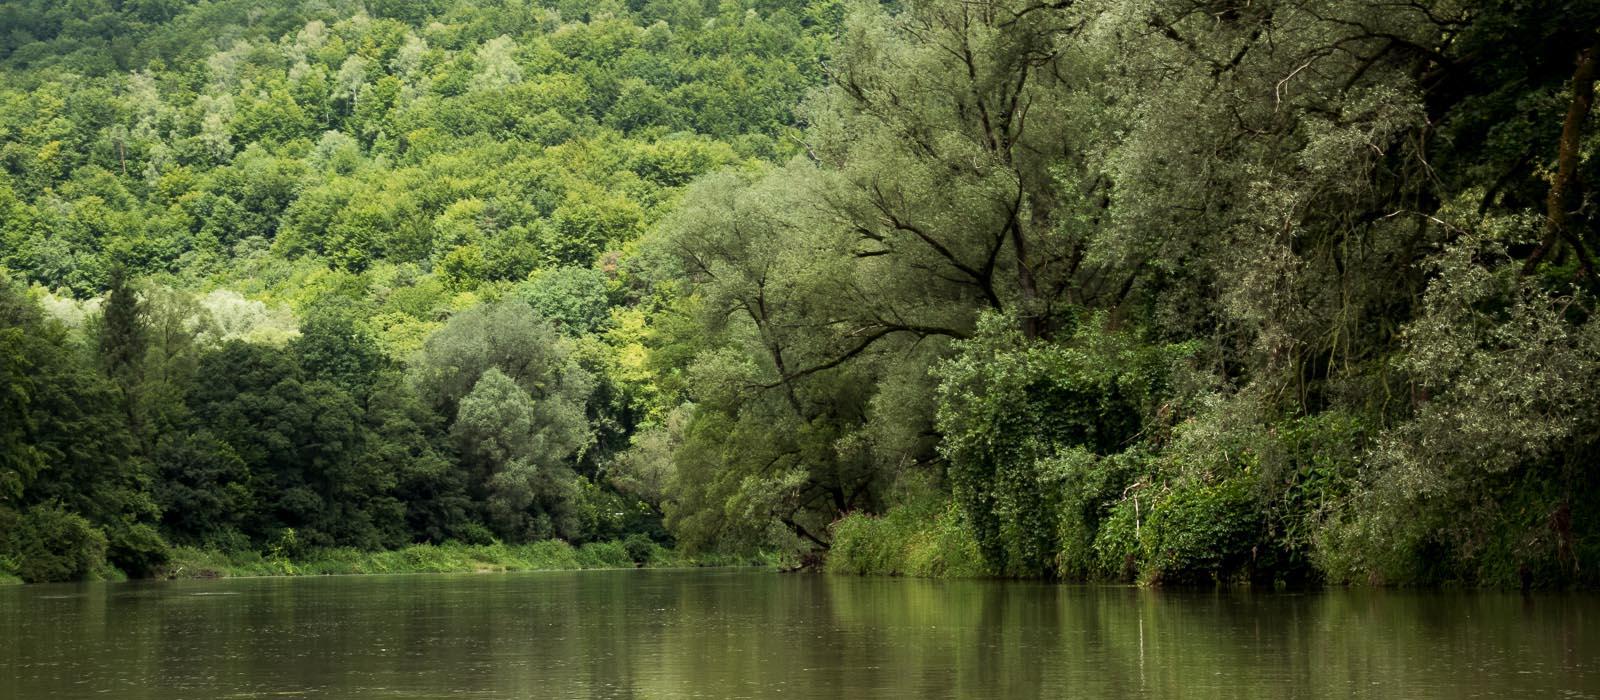 Зроби це Сан! 13 раритетів найкрасивішої річки Підкарпаття